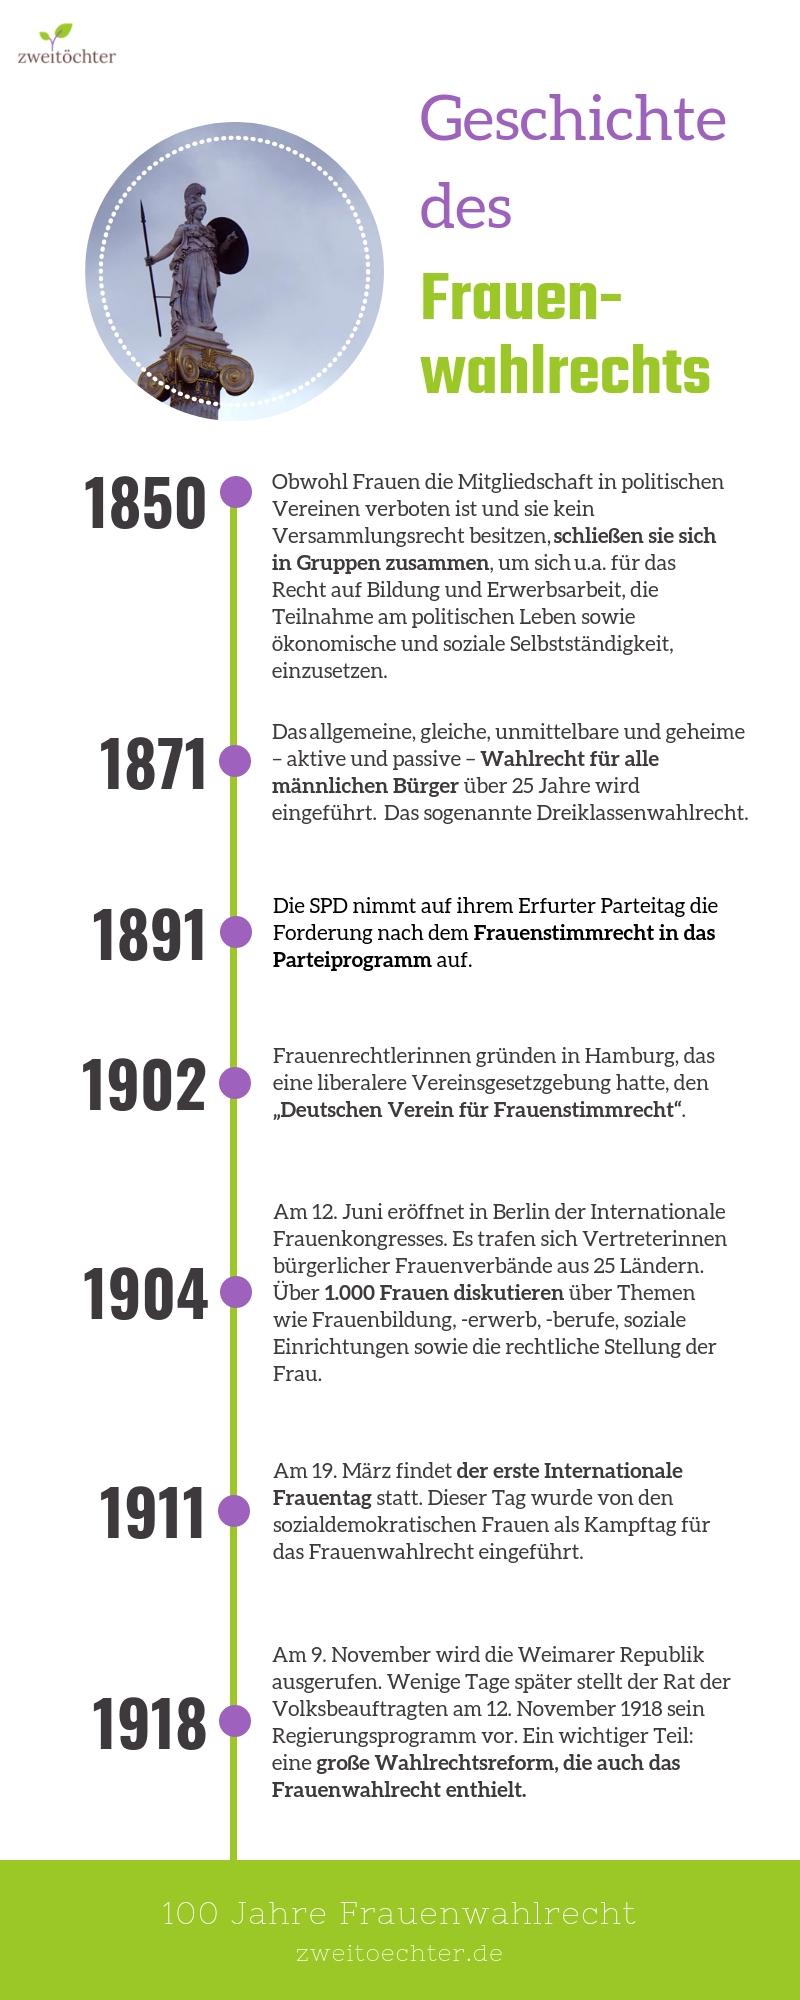 Geschichte des Frauenwahlrechts in Deutschland: 100 Jahre Frauenwahlrecht - zweitöchter